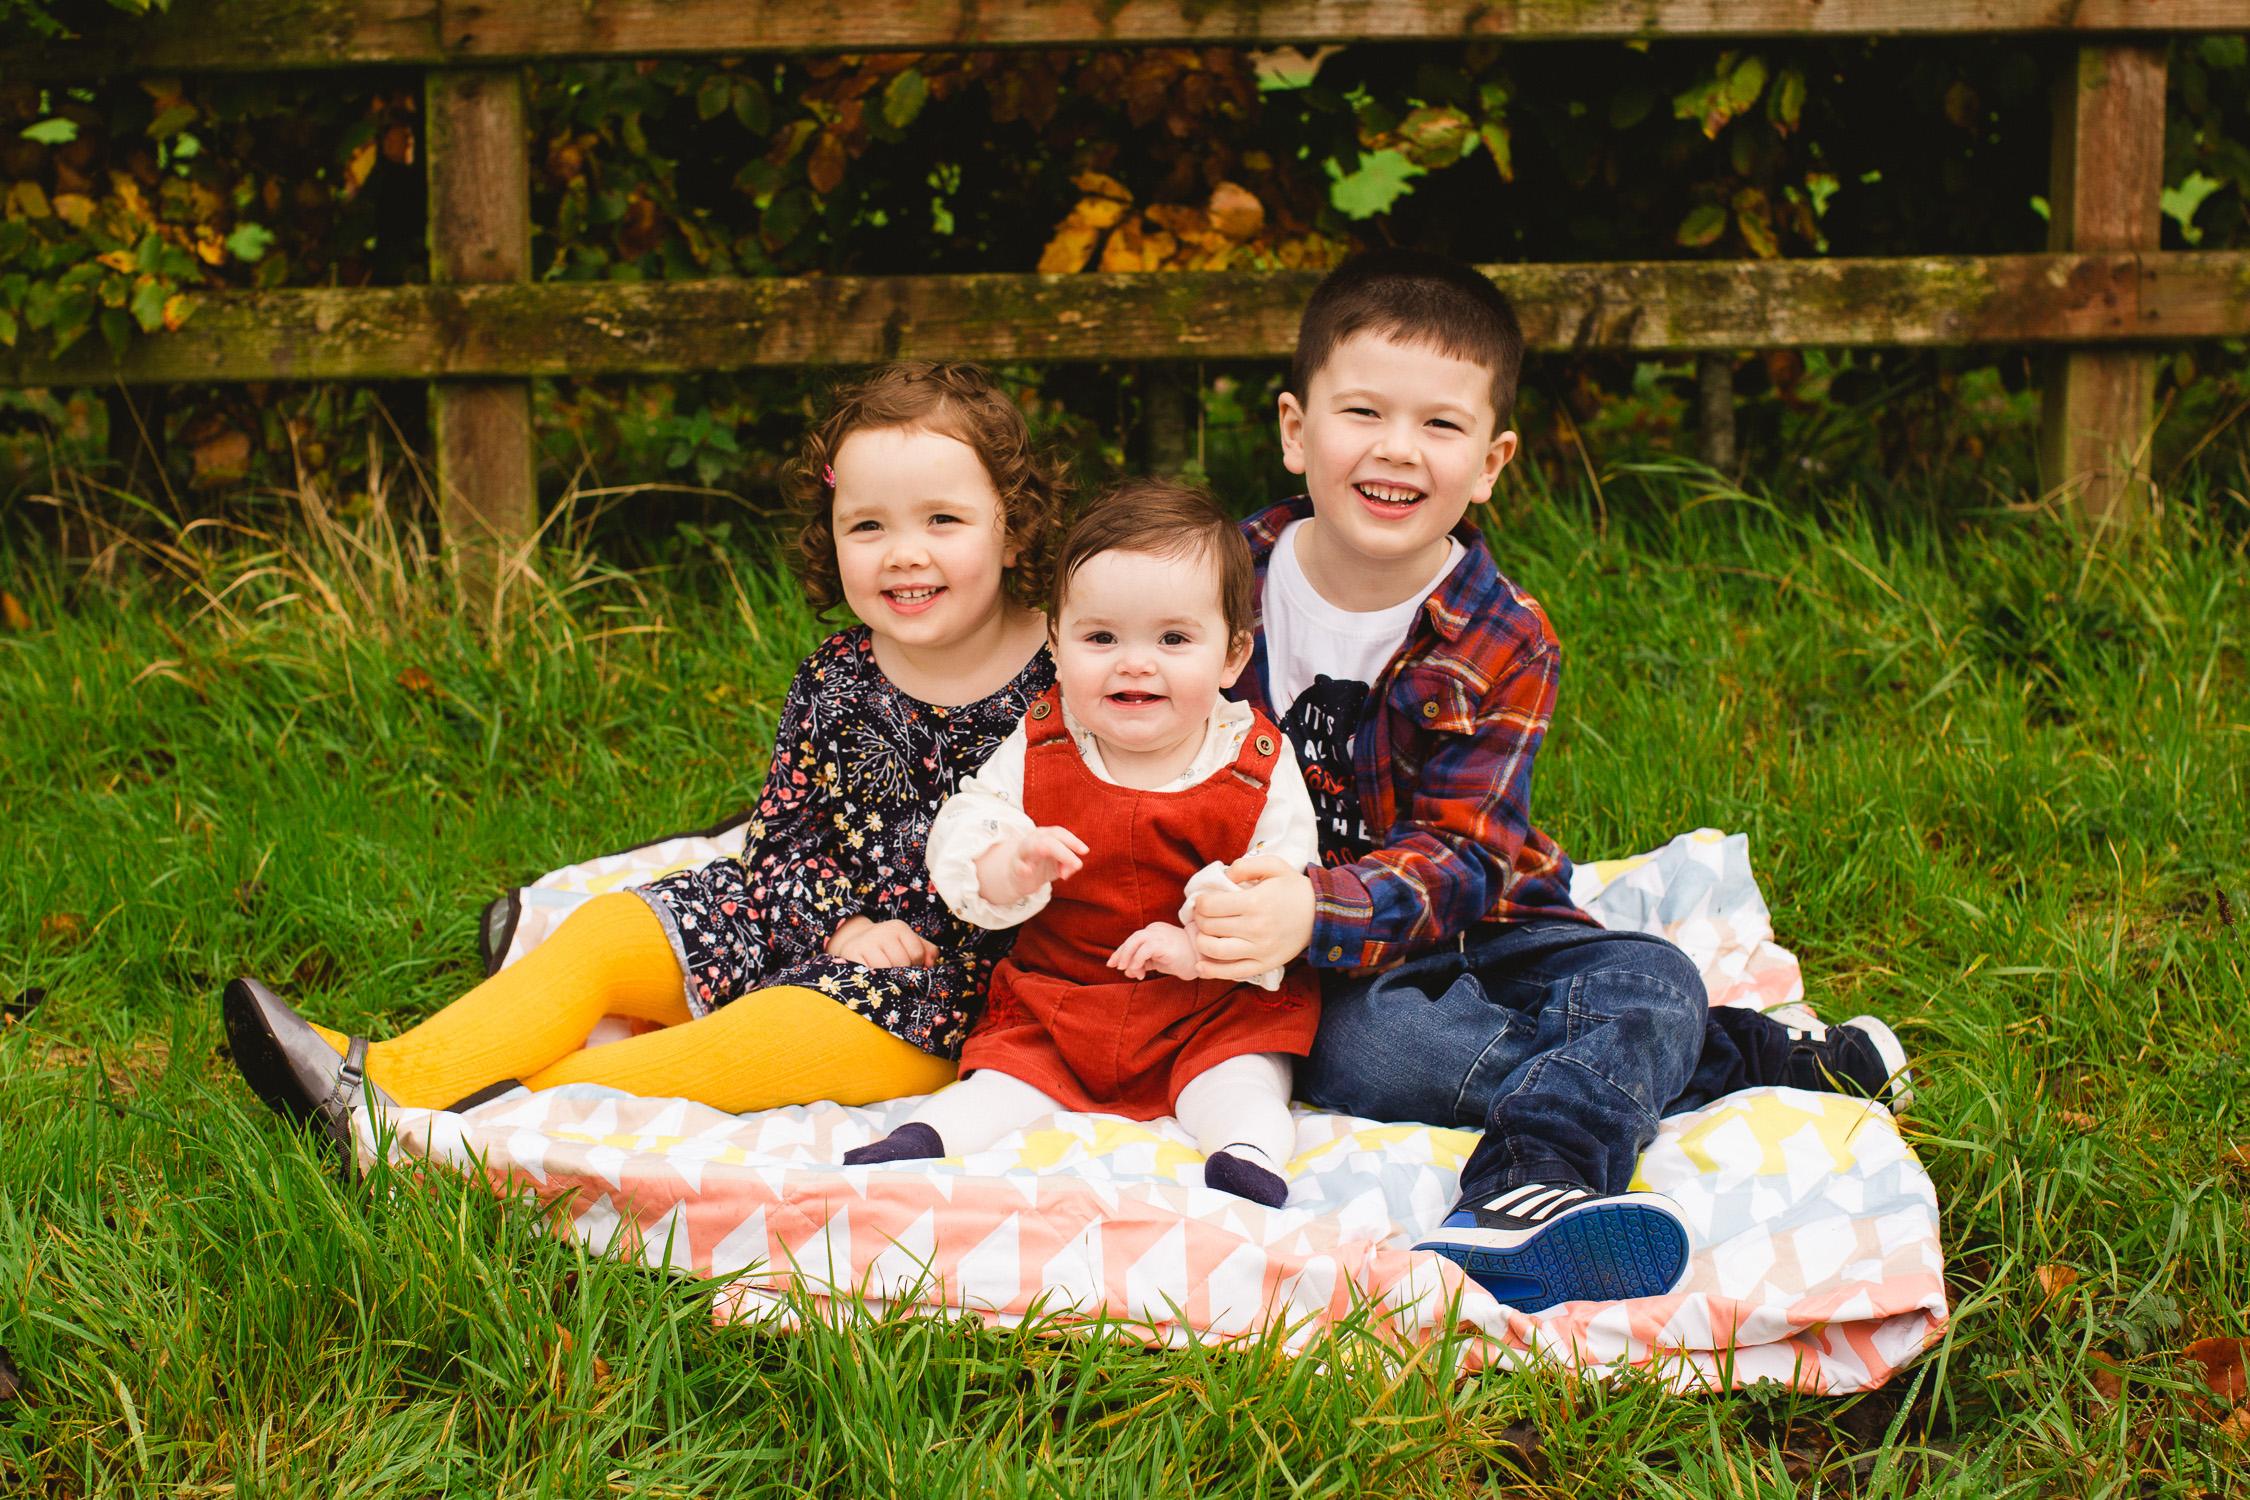 family-photography-ireland-6